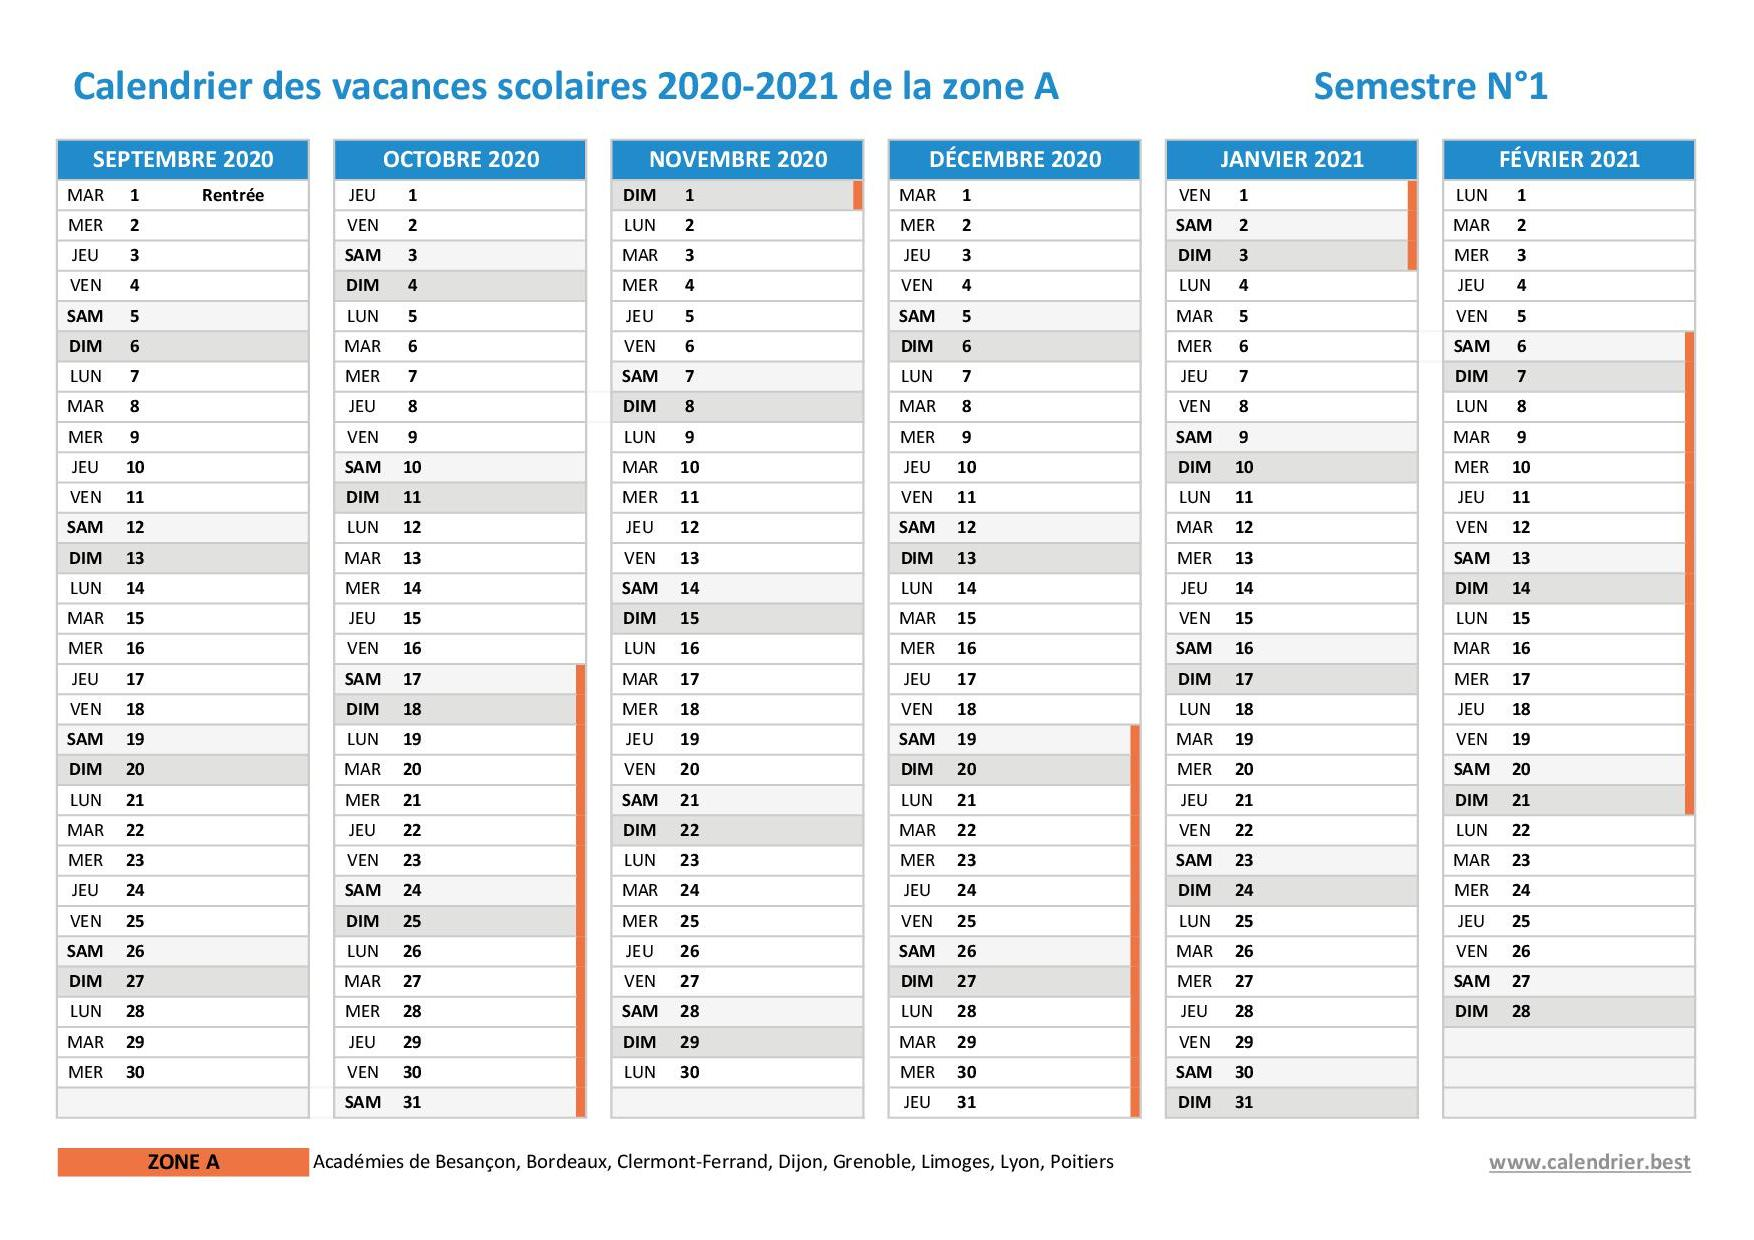 Vacances scolaires 2020 2021 et 2021 2022 Clermont Ferrand : dates